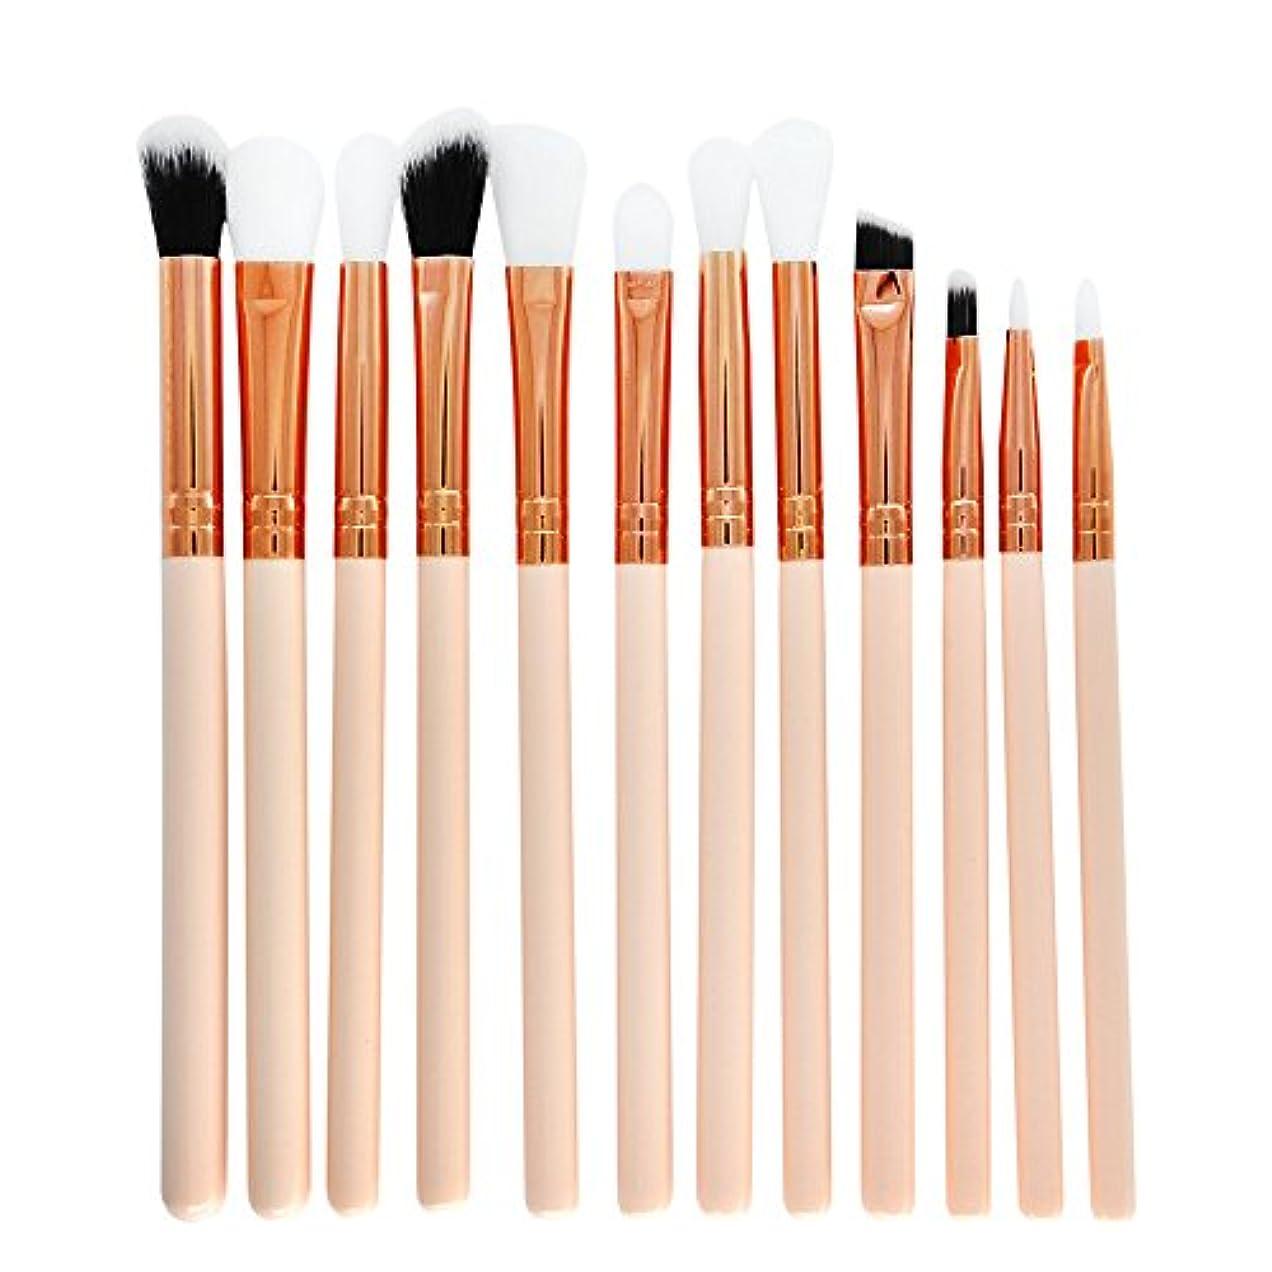 病気のネブ丈夫12 本セット化粧筆 | メイクアップブラシセット アイシャドウメイクブラシ| コスメチック化粧ブラシキットビューティーツール (ホワイト)